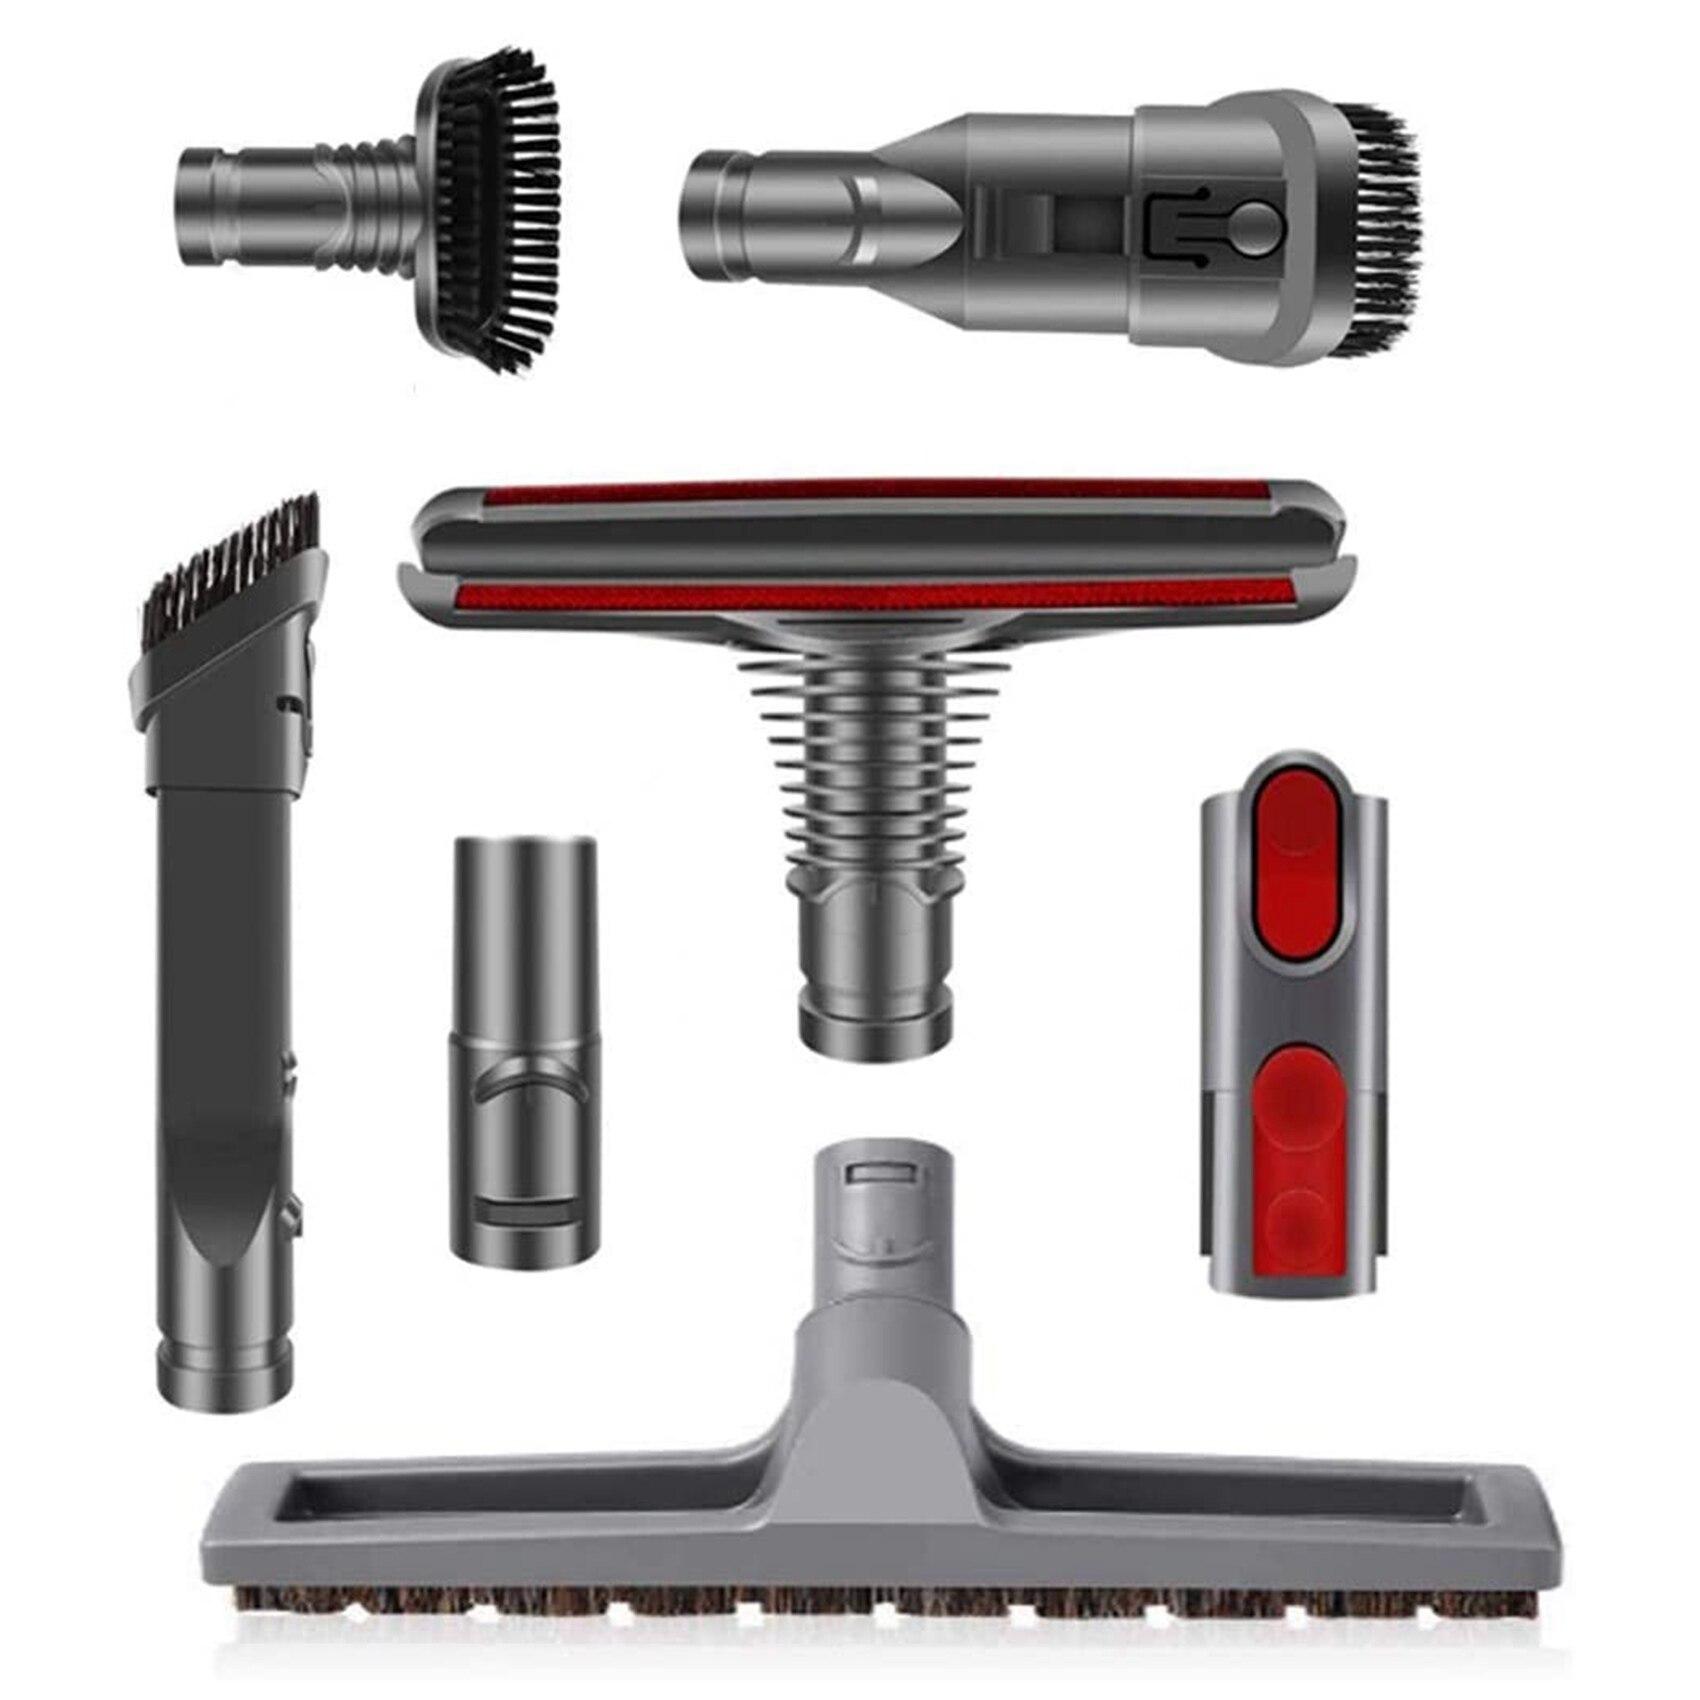 ل دايسون تيار مستمر سلسلة V6 V7 V8 V10 V11 أداة الطابق الصلب و ملحقات مرفق فراغ-مجموعة التنظيف المنزلية